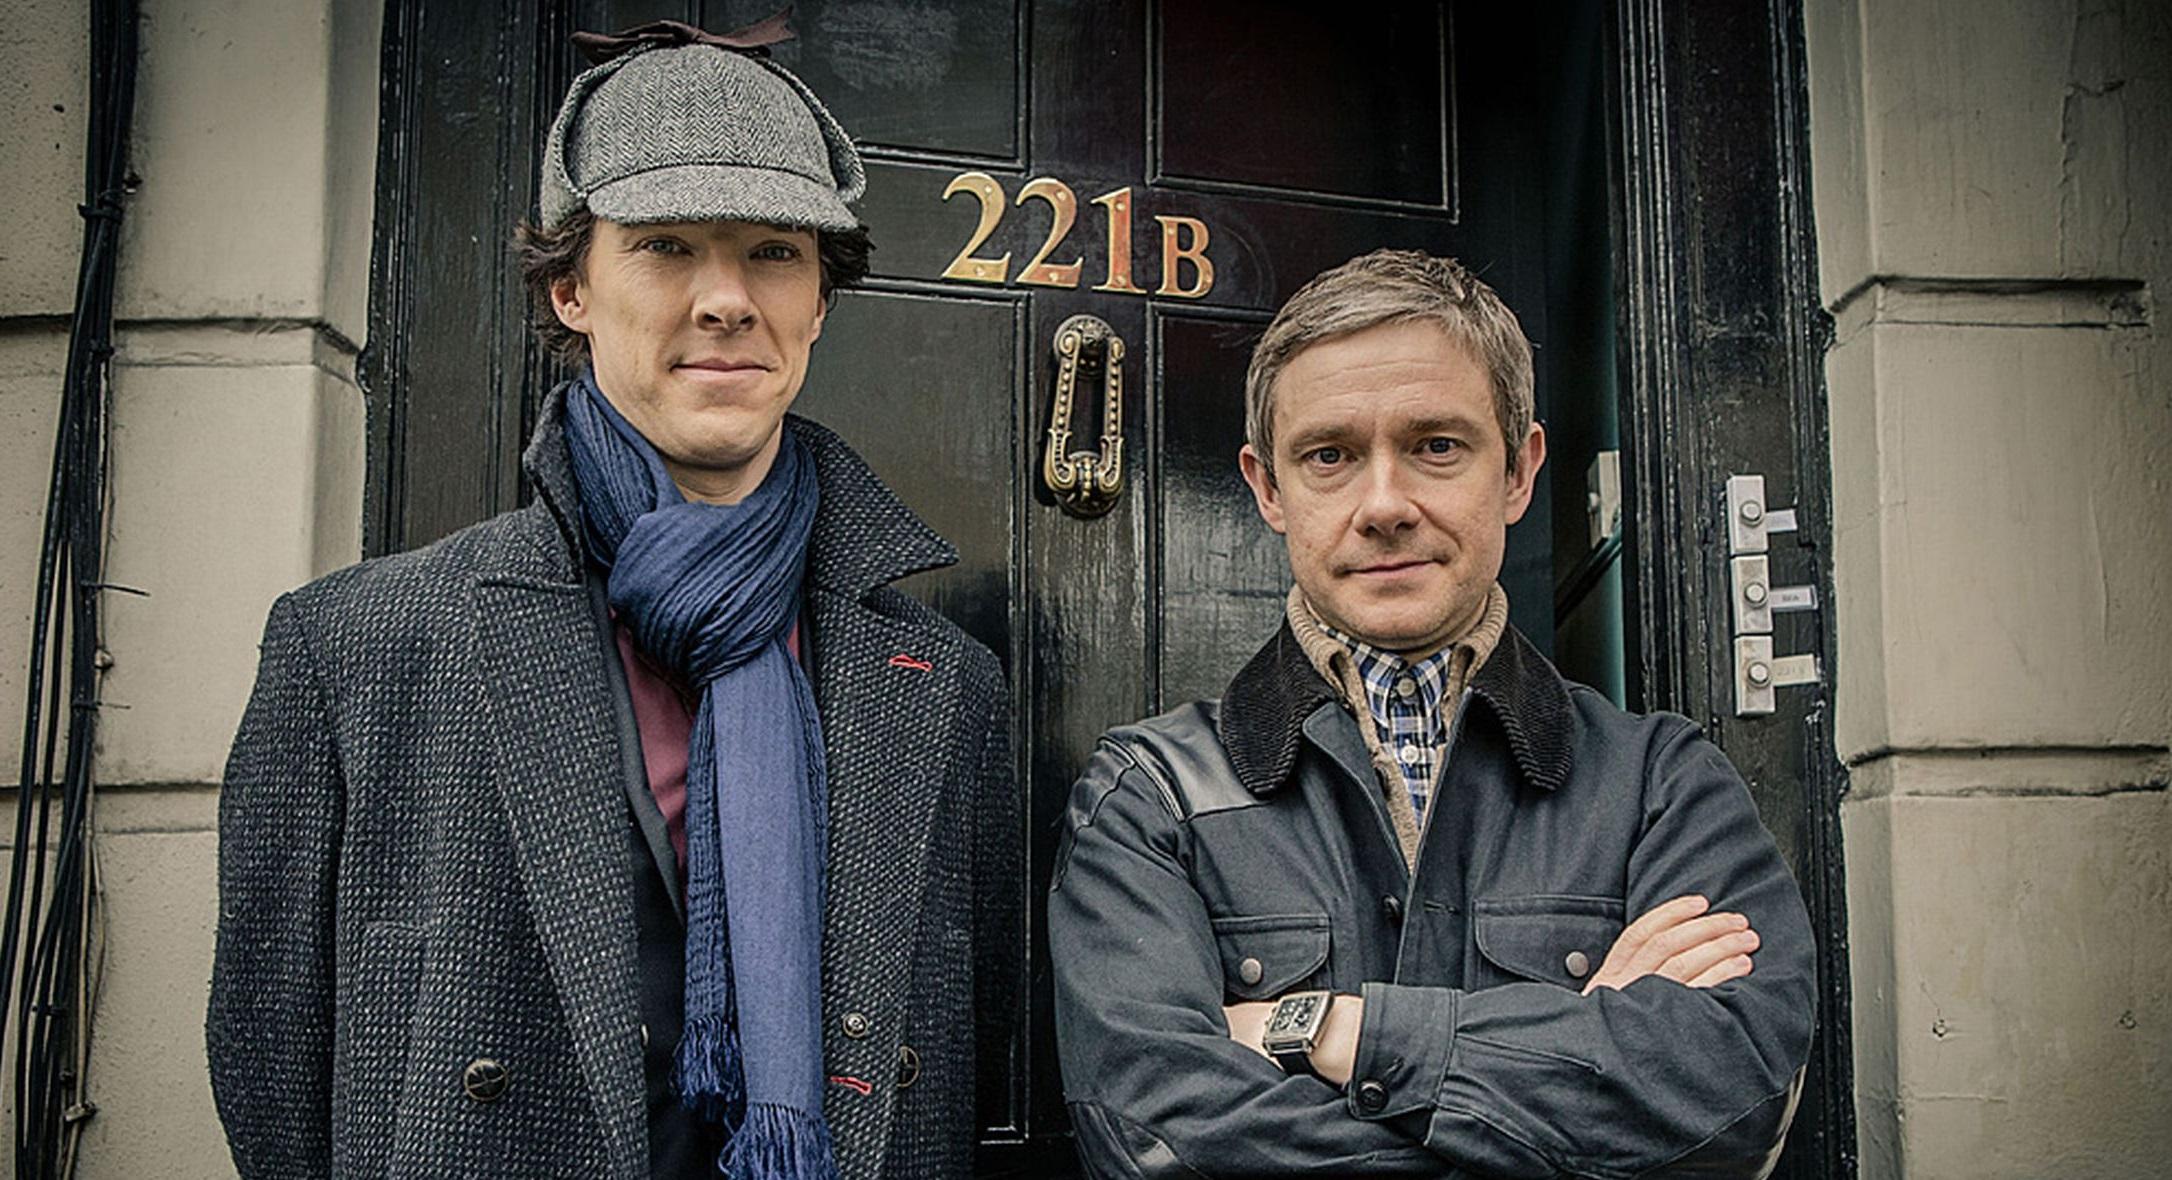 Résultat d'images pour Sherlock holmes 2017 BBC